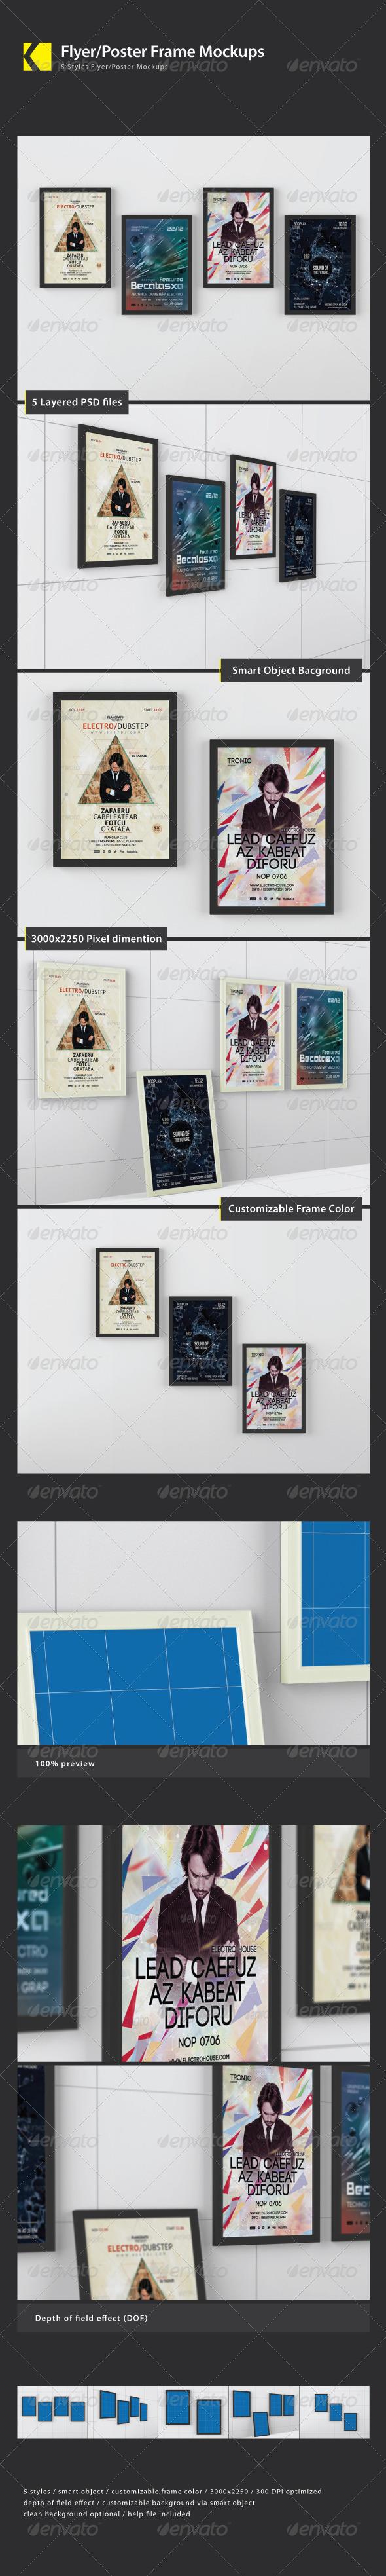 Flyer/Poster Frame Mockups - Product Mock-Ups Graphics